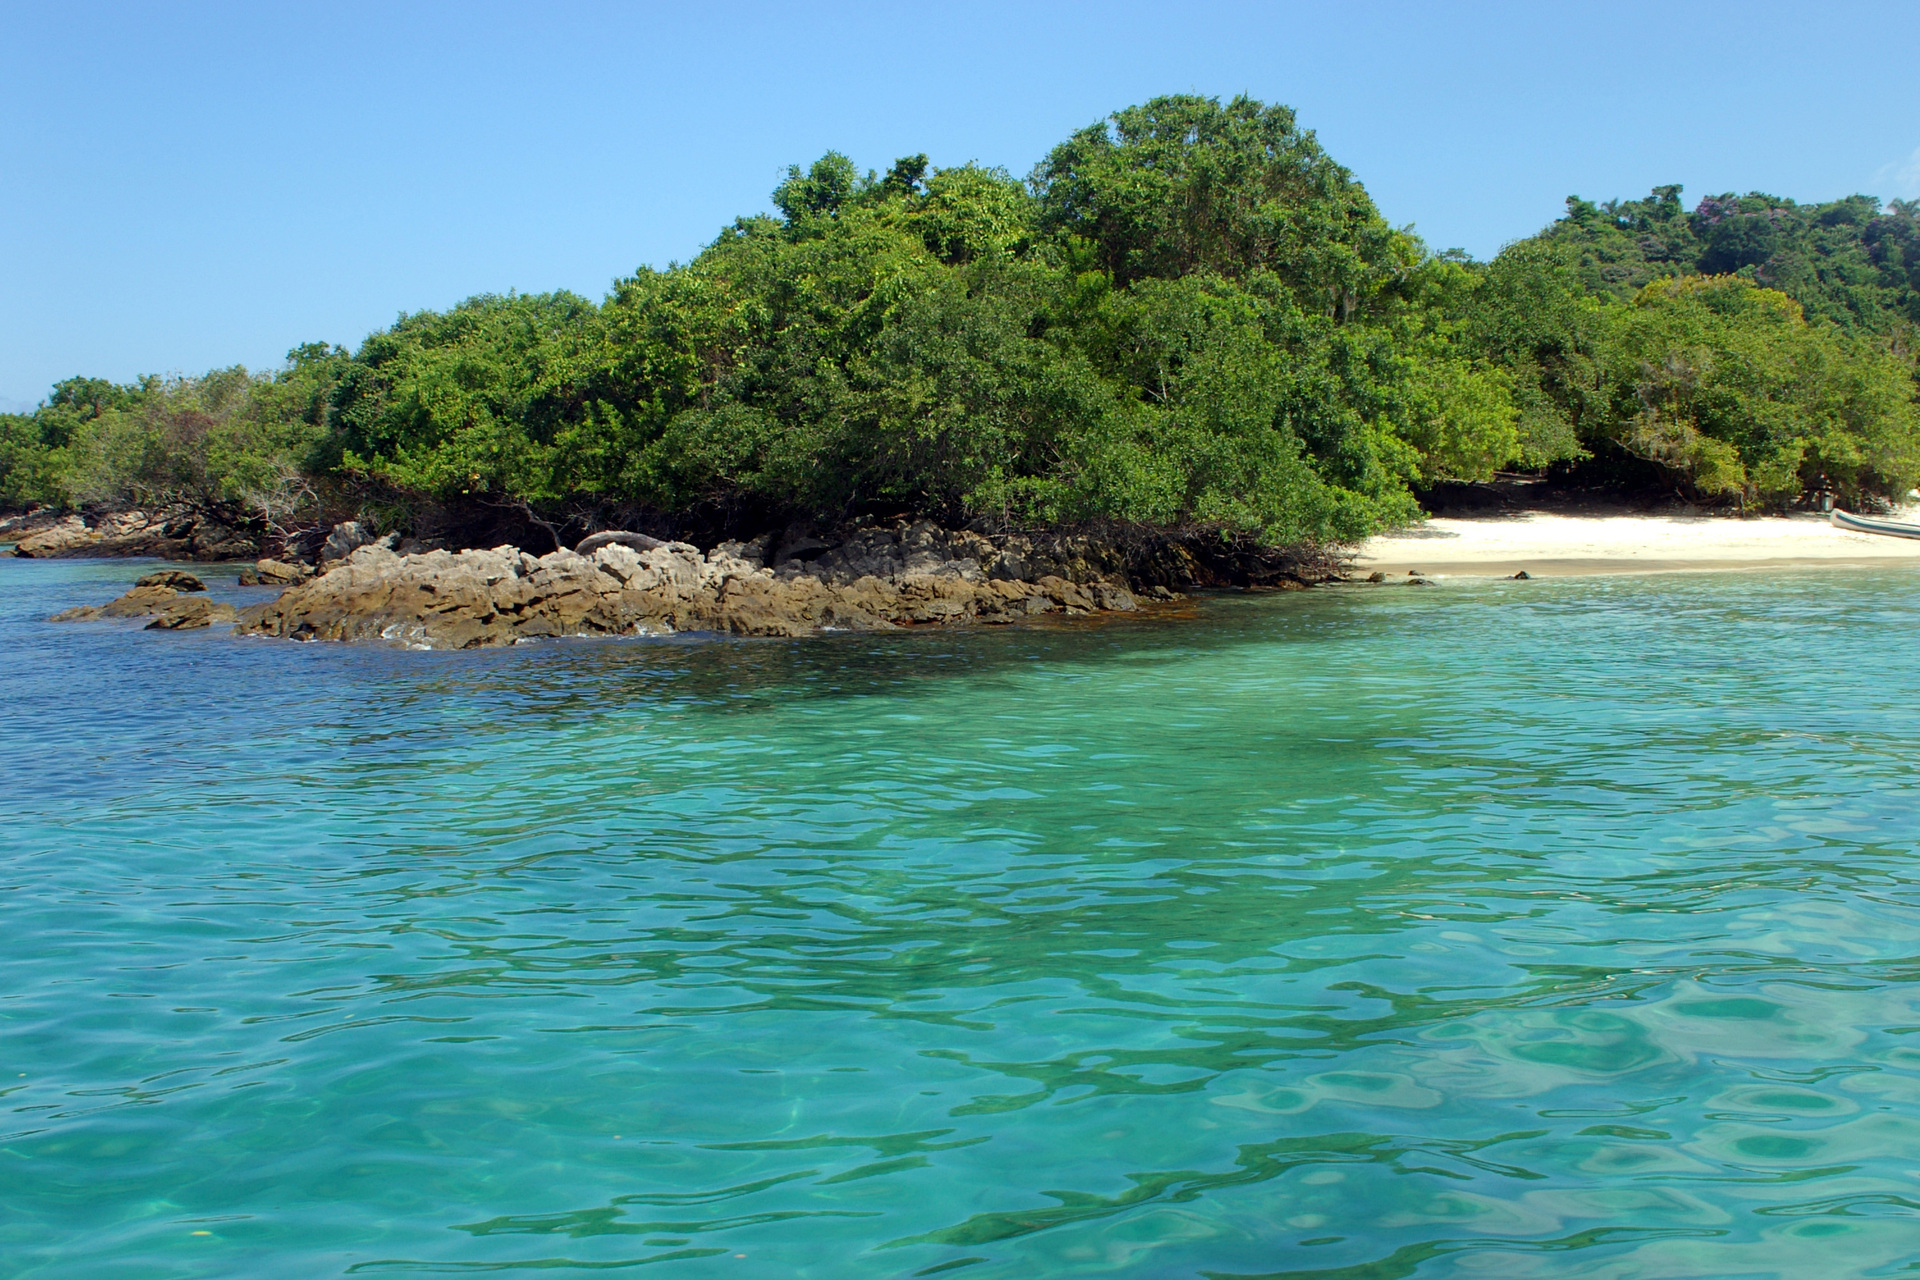 L'île Ila grande au brésil